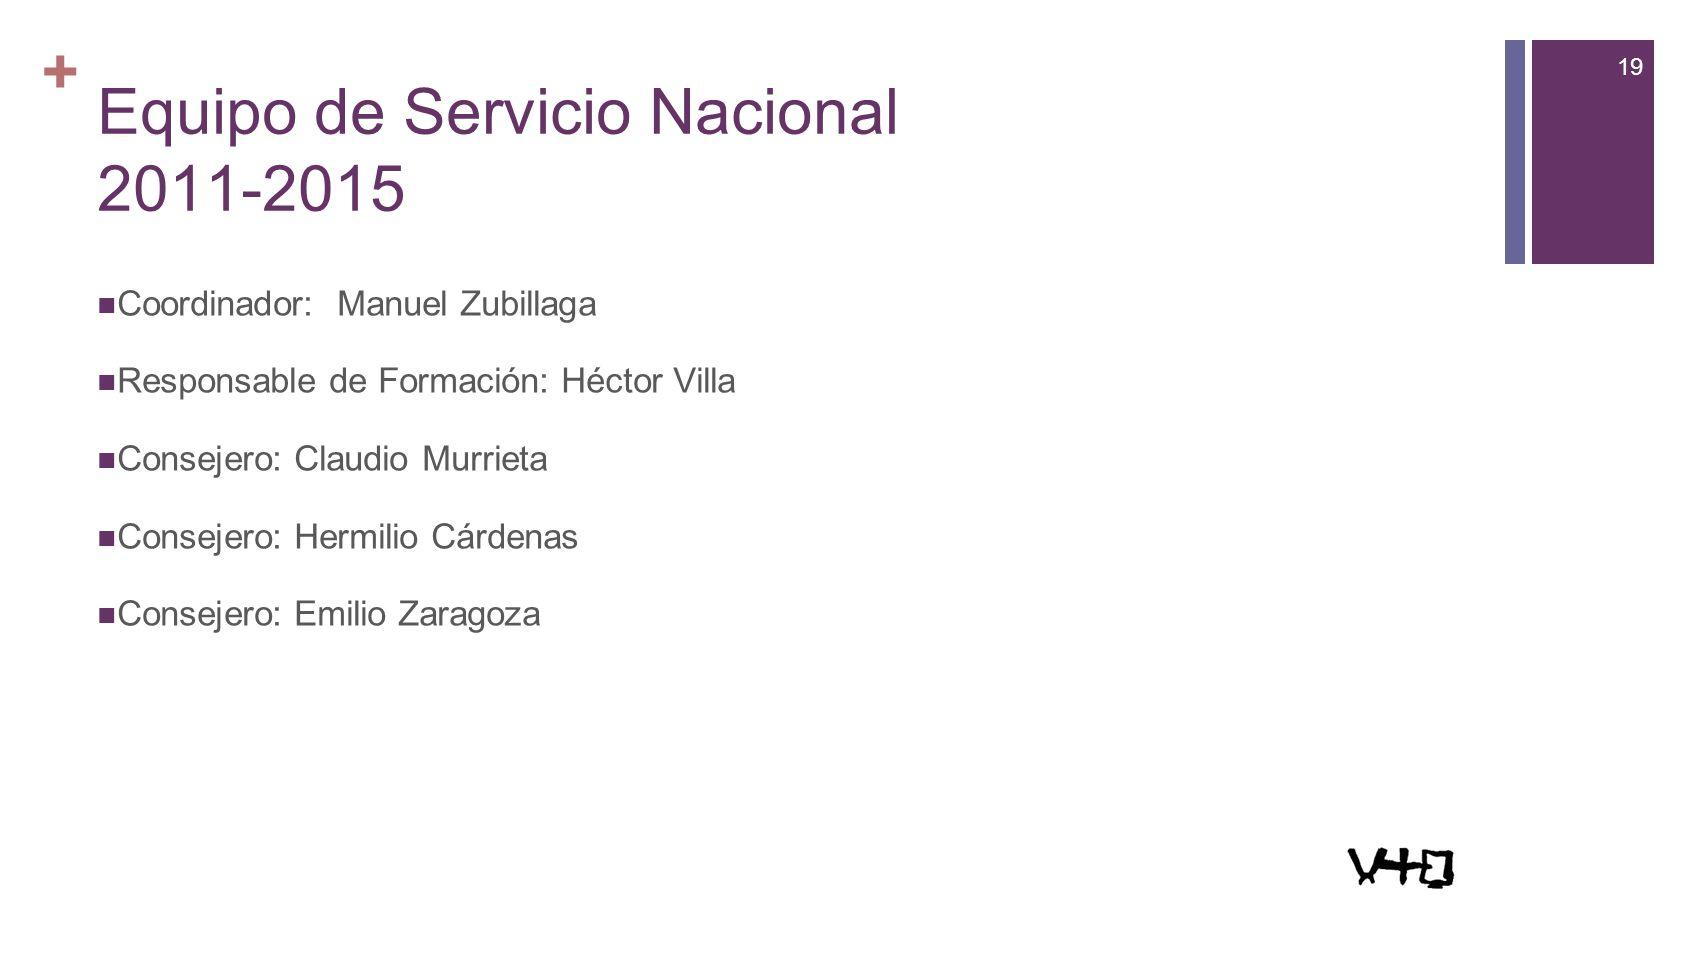 19 + Equipo de Servicio Nacional 2011-2015 Coordinador: Manuel Zubillaga Responsable de Formación: Héctor Villa Consejero: Claudio Murrieta Consejero: